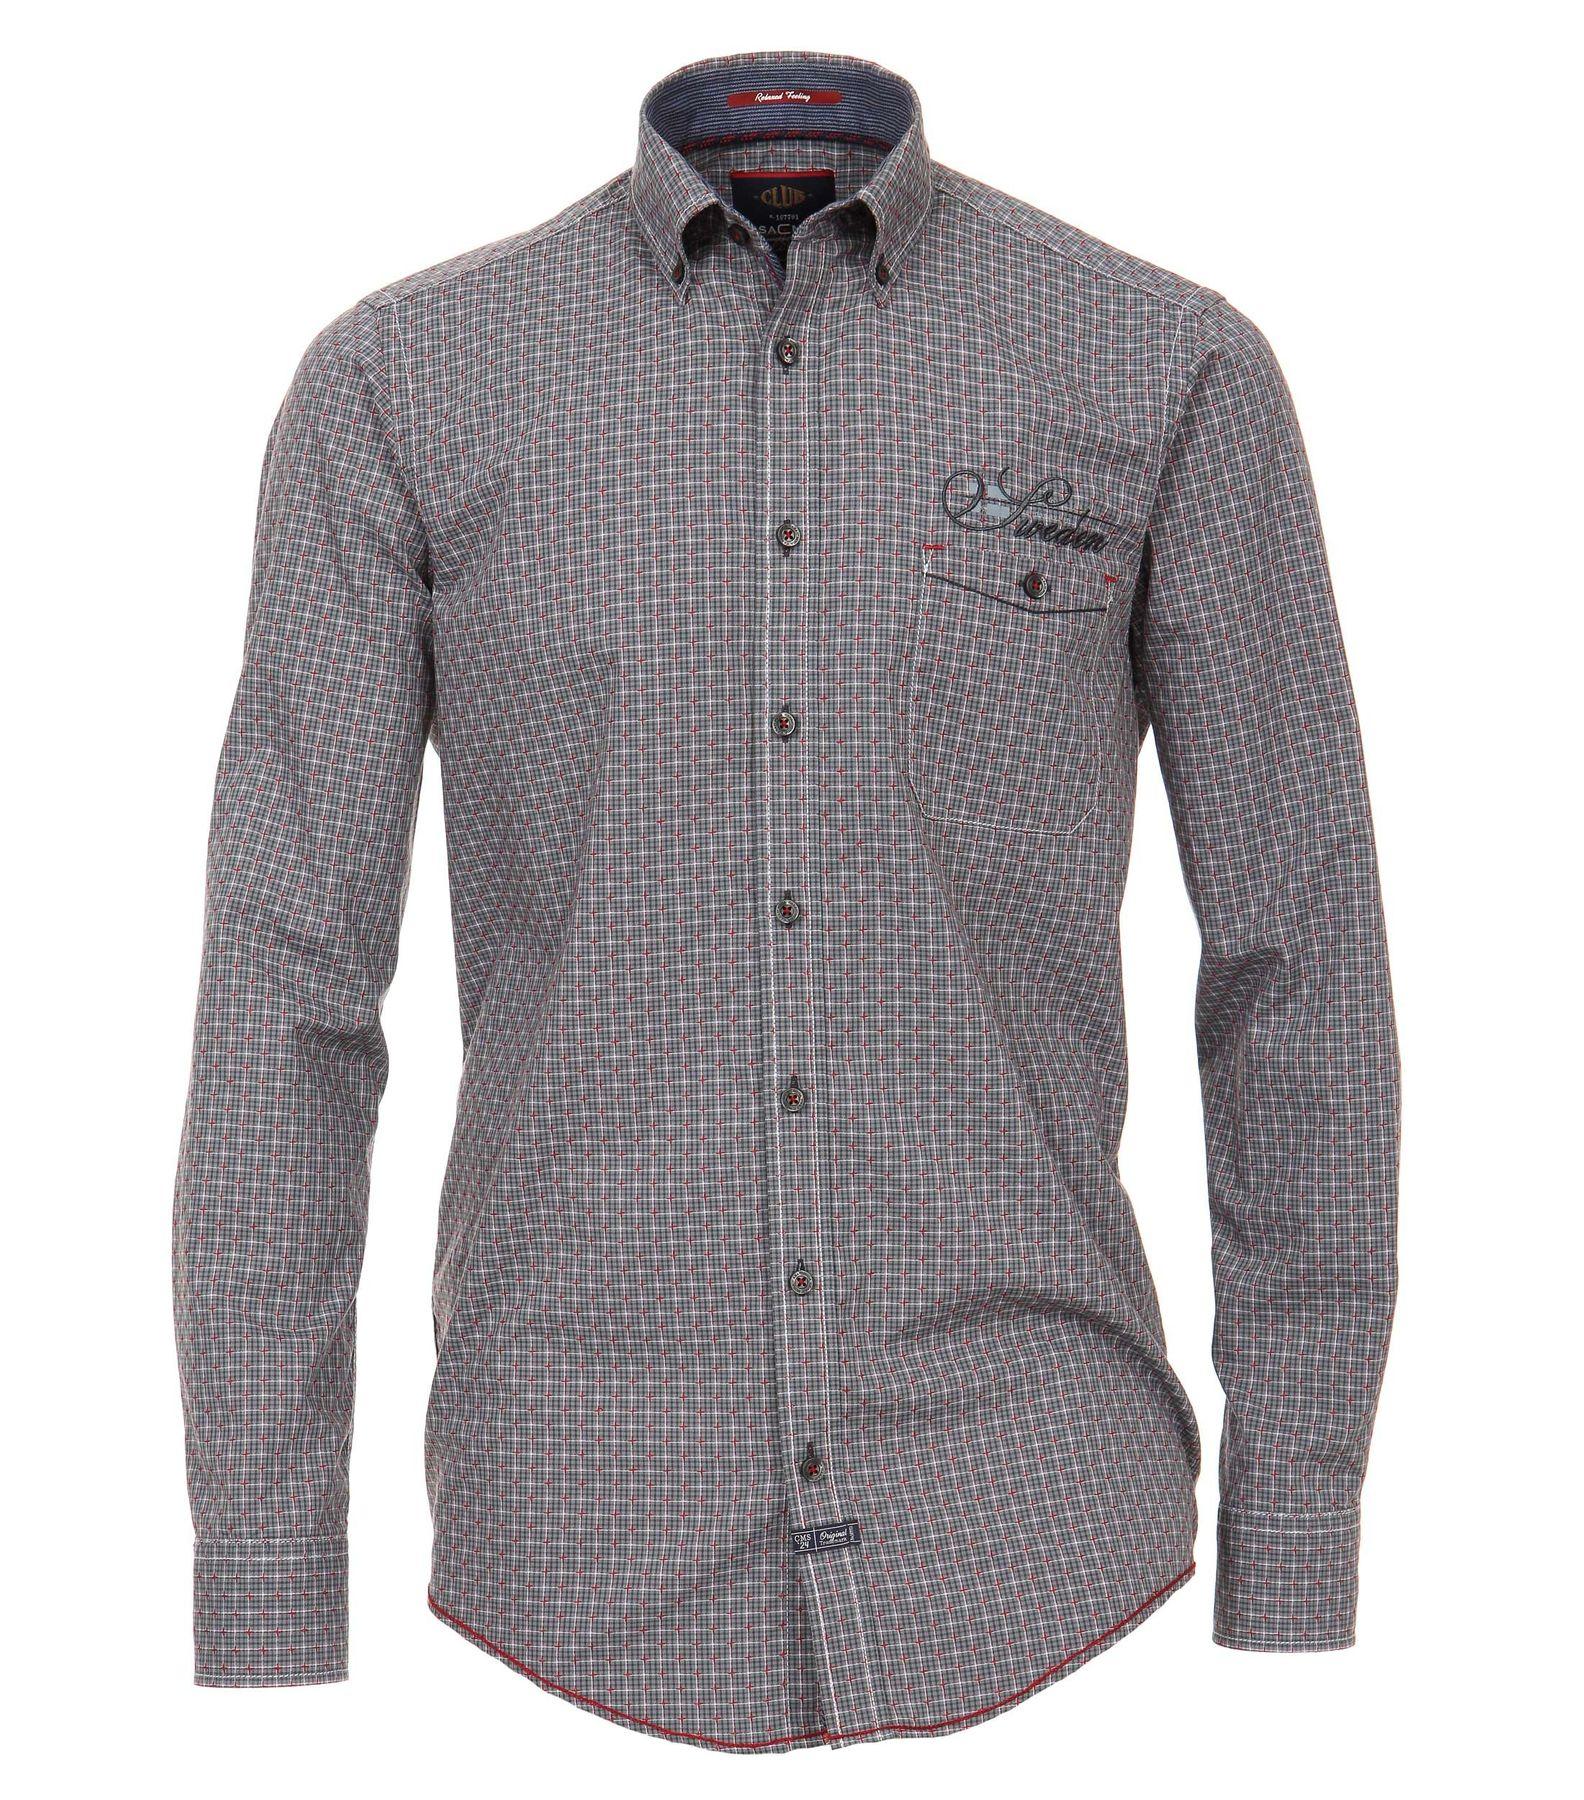 Casa Moda - Casual Fit - Dobby Herren Hemd kariert mit Button Down-Kragen in Grau (472803800A) – Bild 1